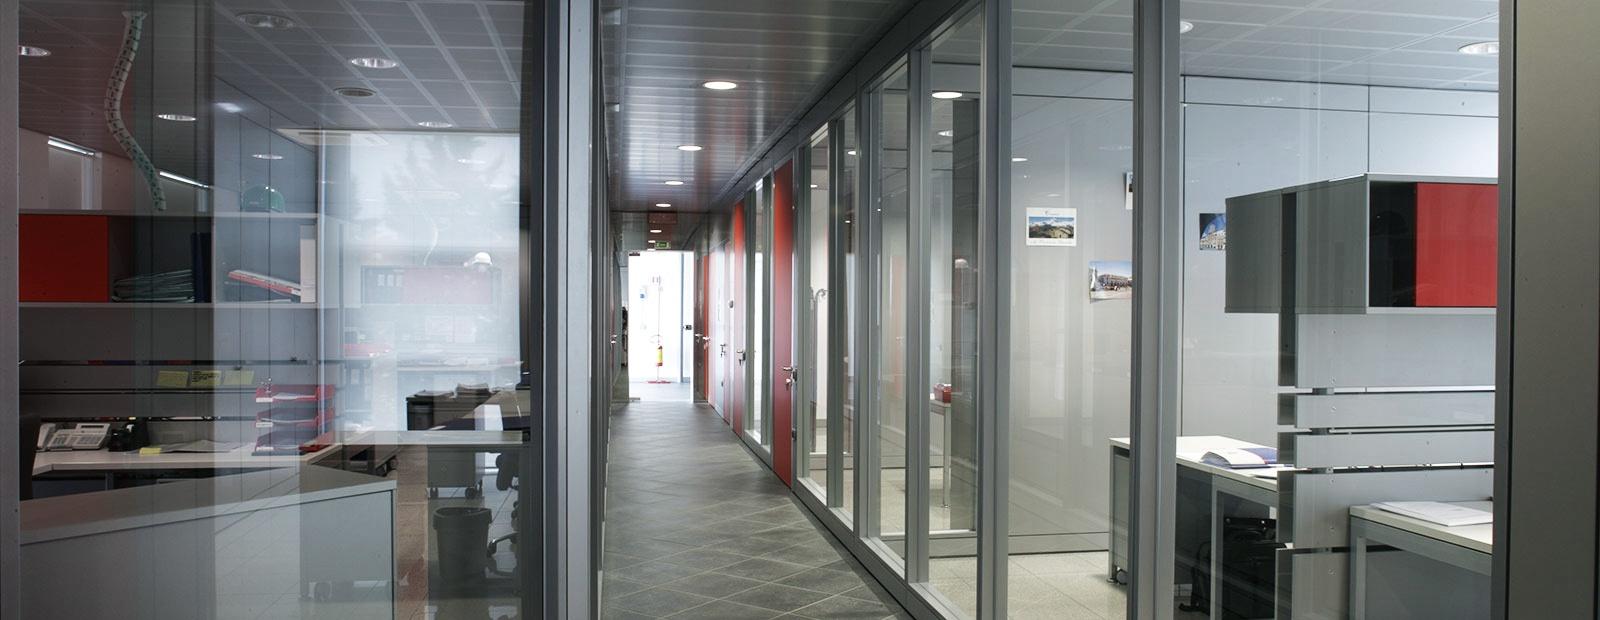 Le nostre certificazioni LPM - Prefabbricati in cemento armato per edilizia industriale e civile